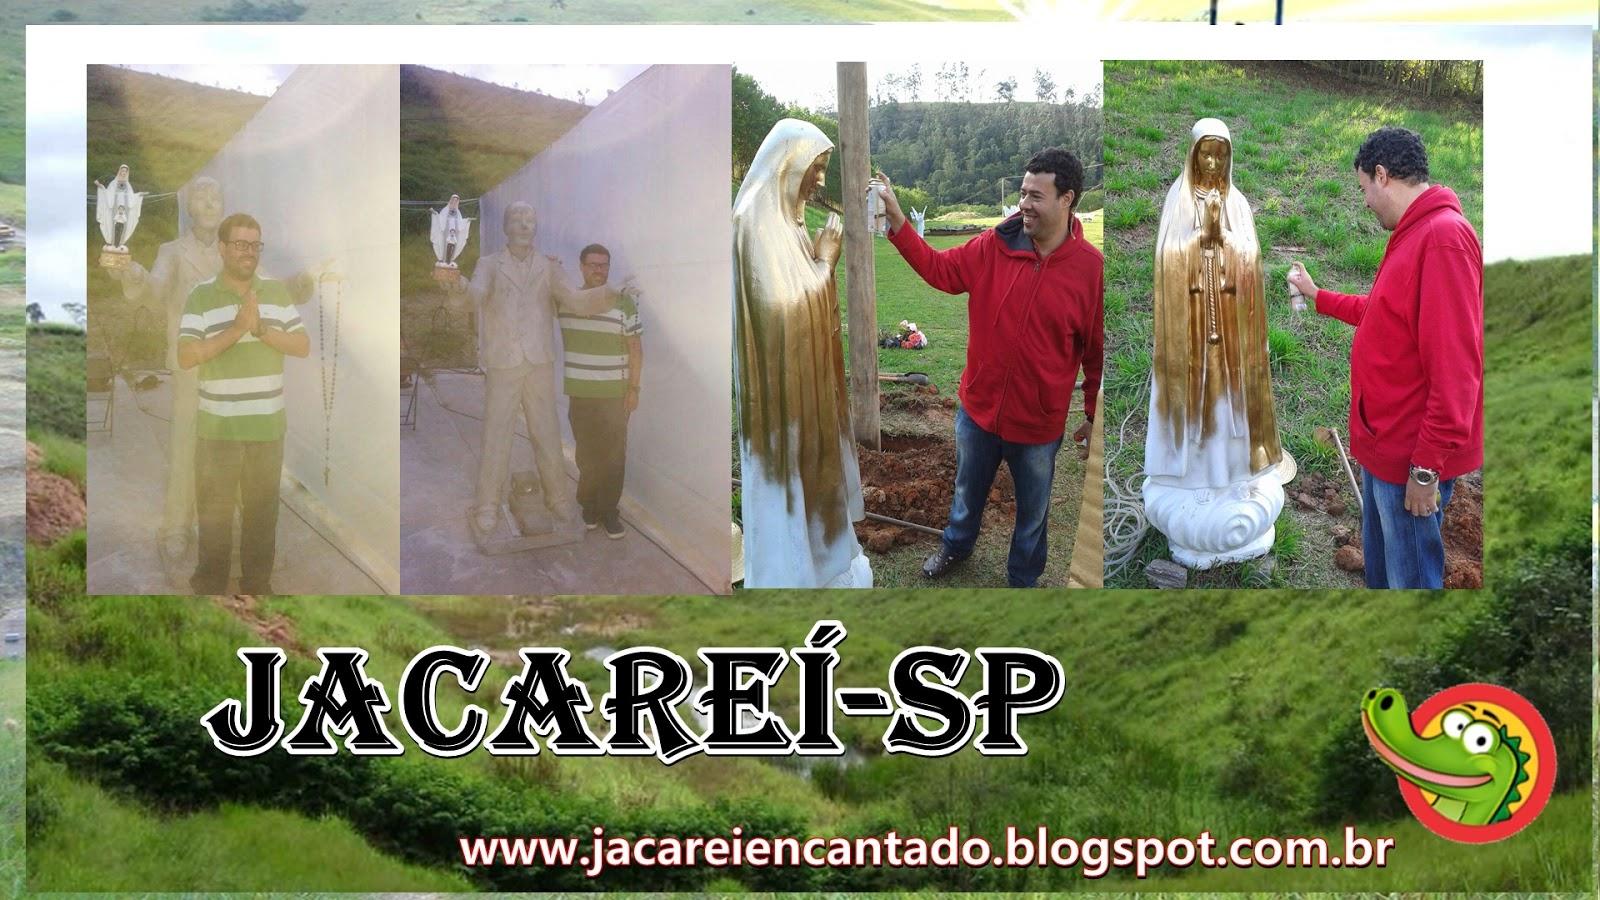 Santuário das Aparições de Jacareí SP. são falsas. são verdadeiras, farsa, photoshop, segredo